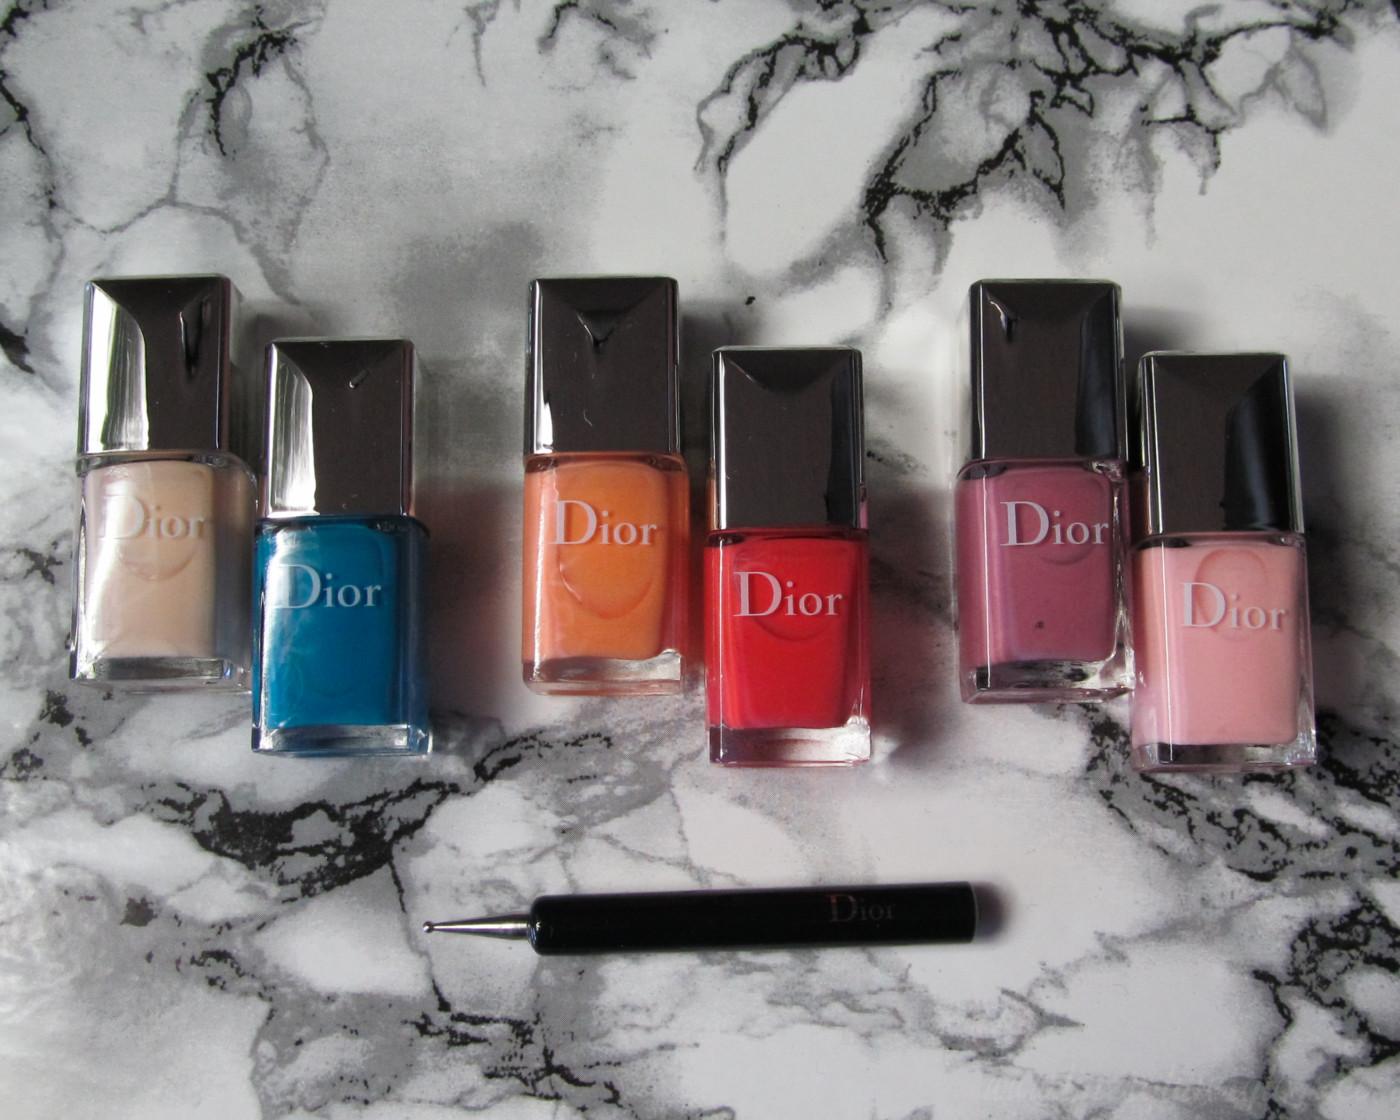 Dior Colour & Dots Manicure Kit